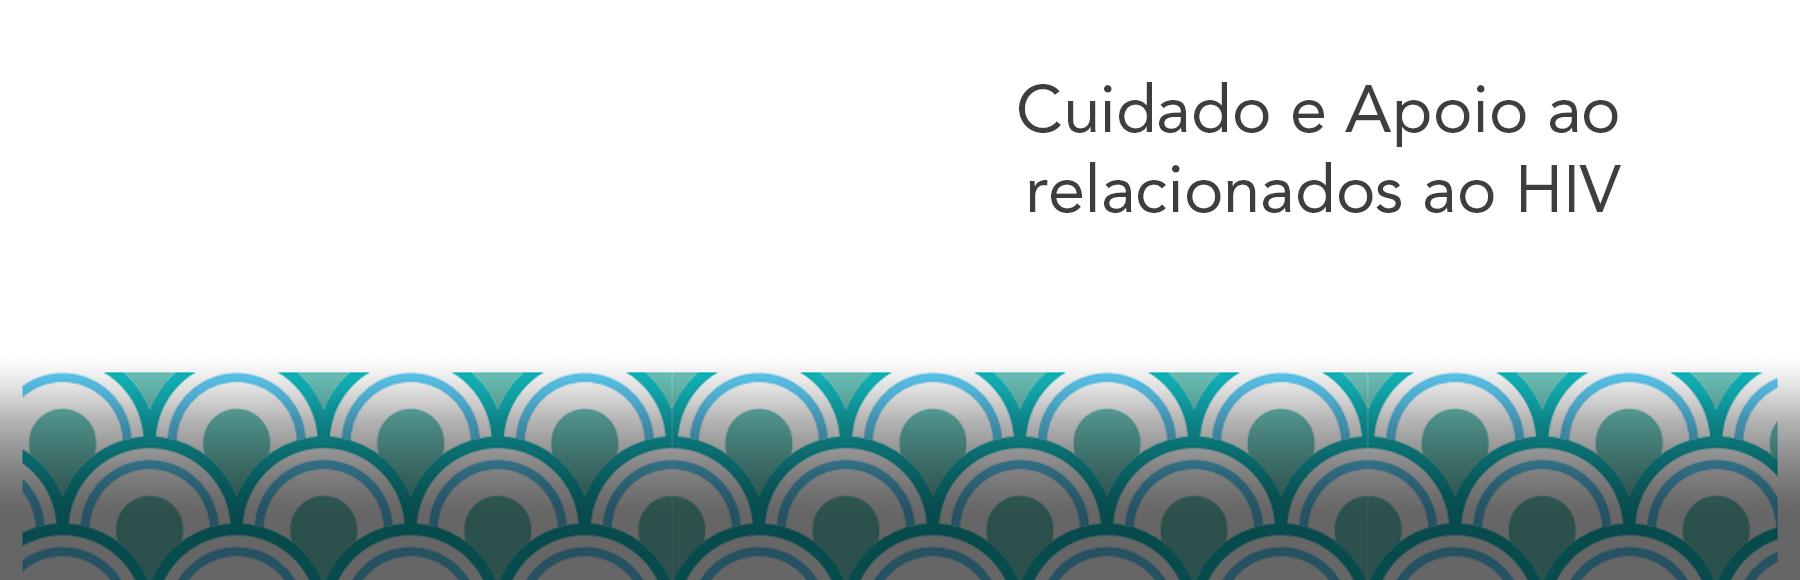 2016_HIVCUIDADO2